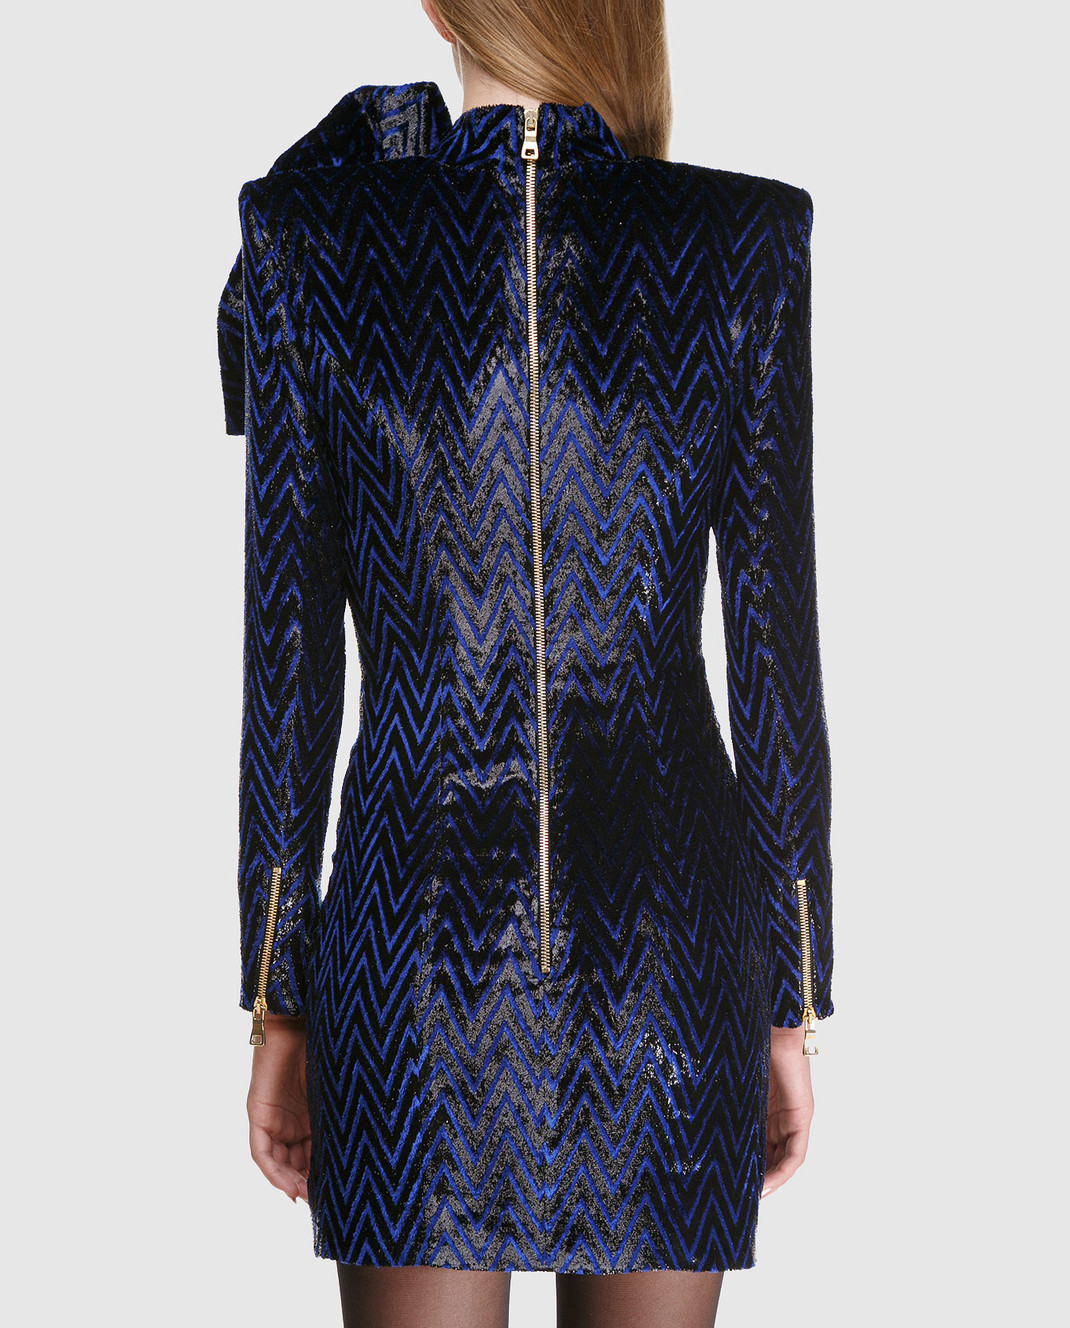 Balmain Синее платье с блестками 143140 изображение 4